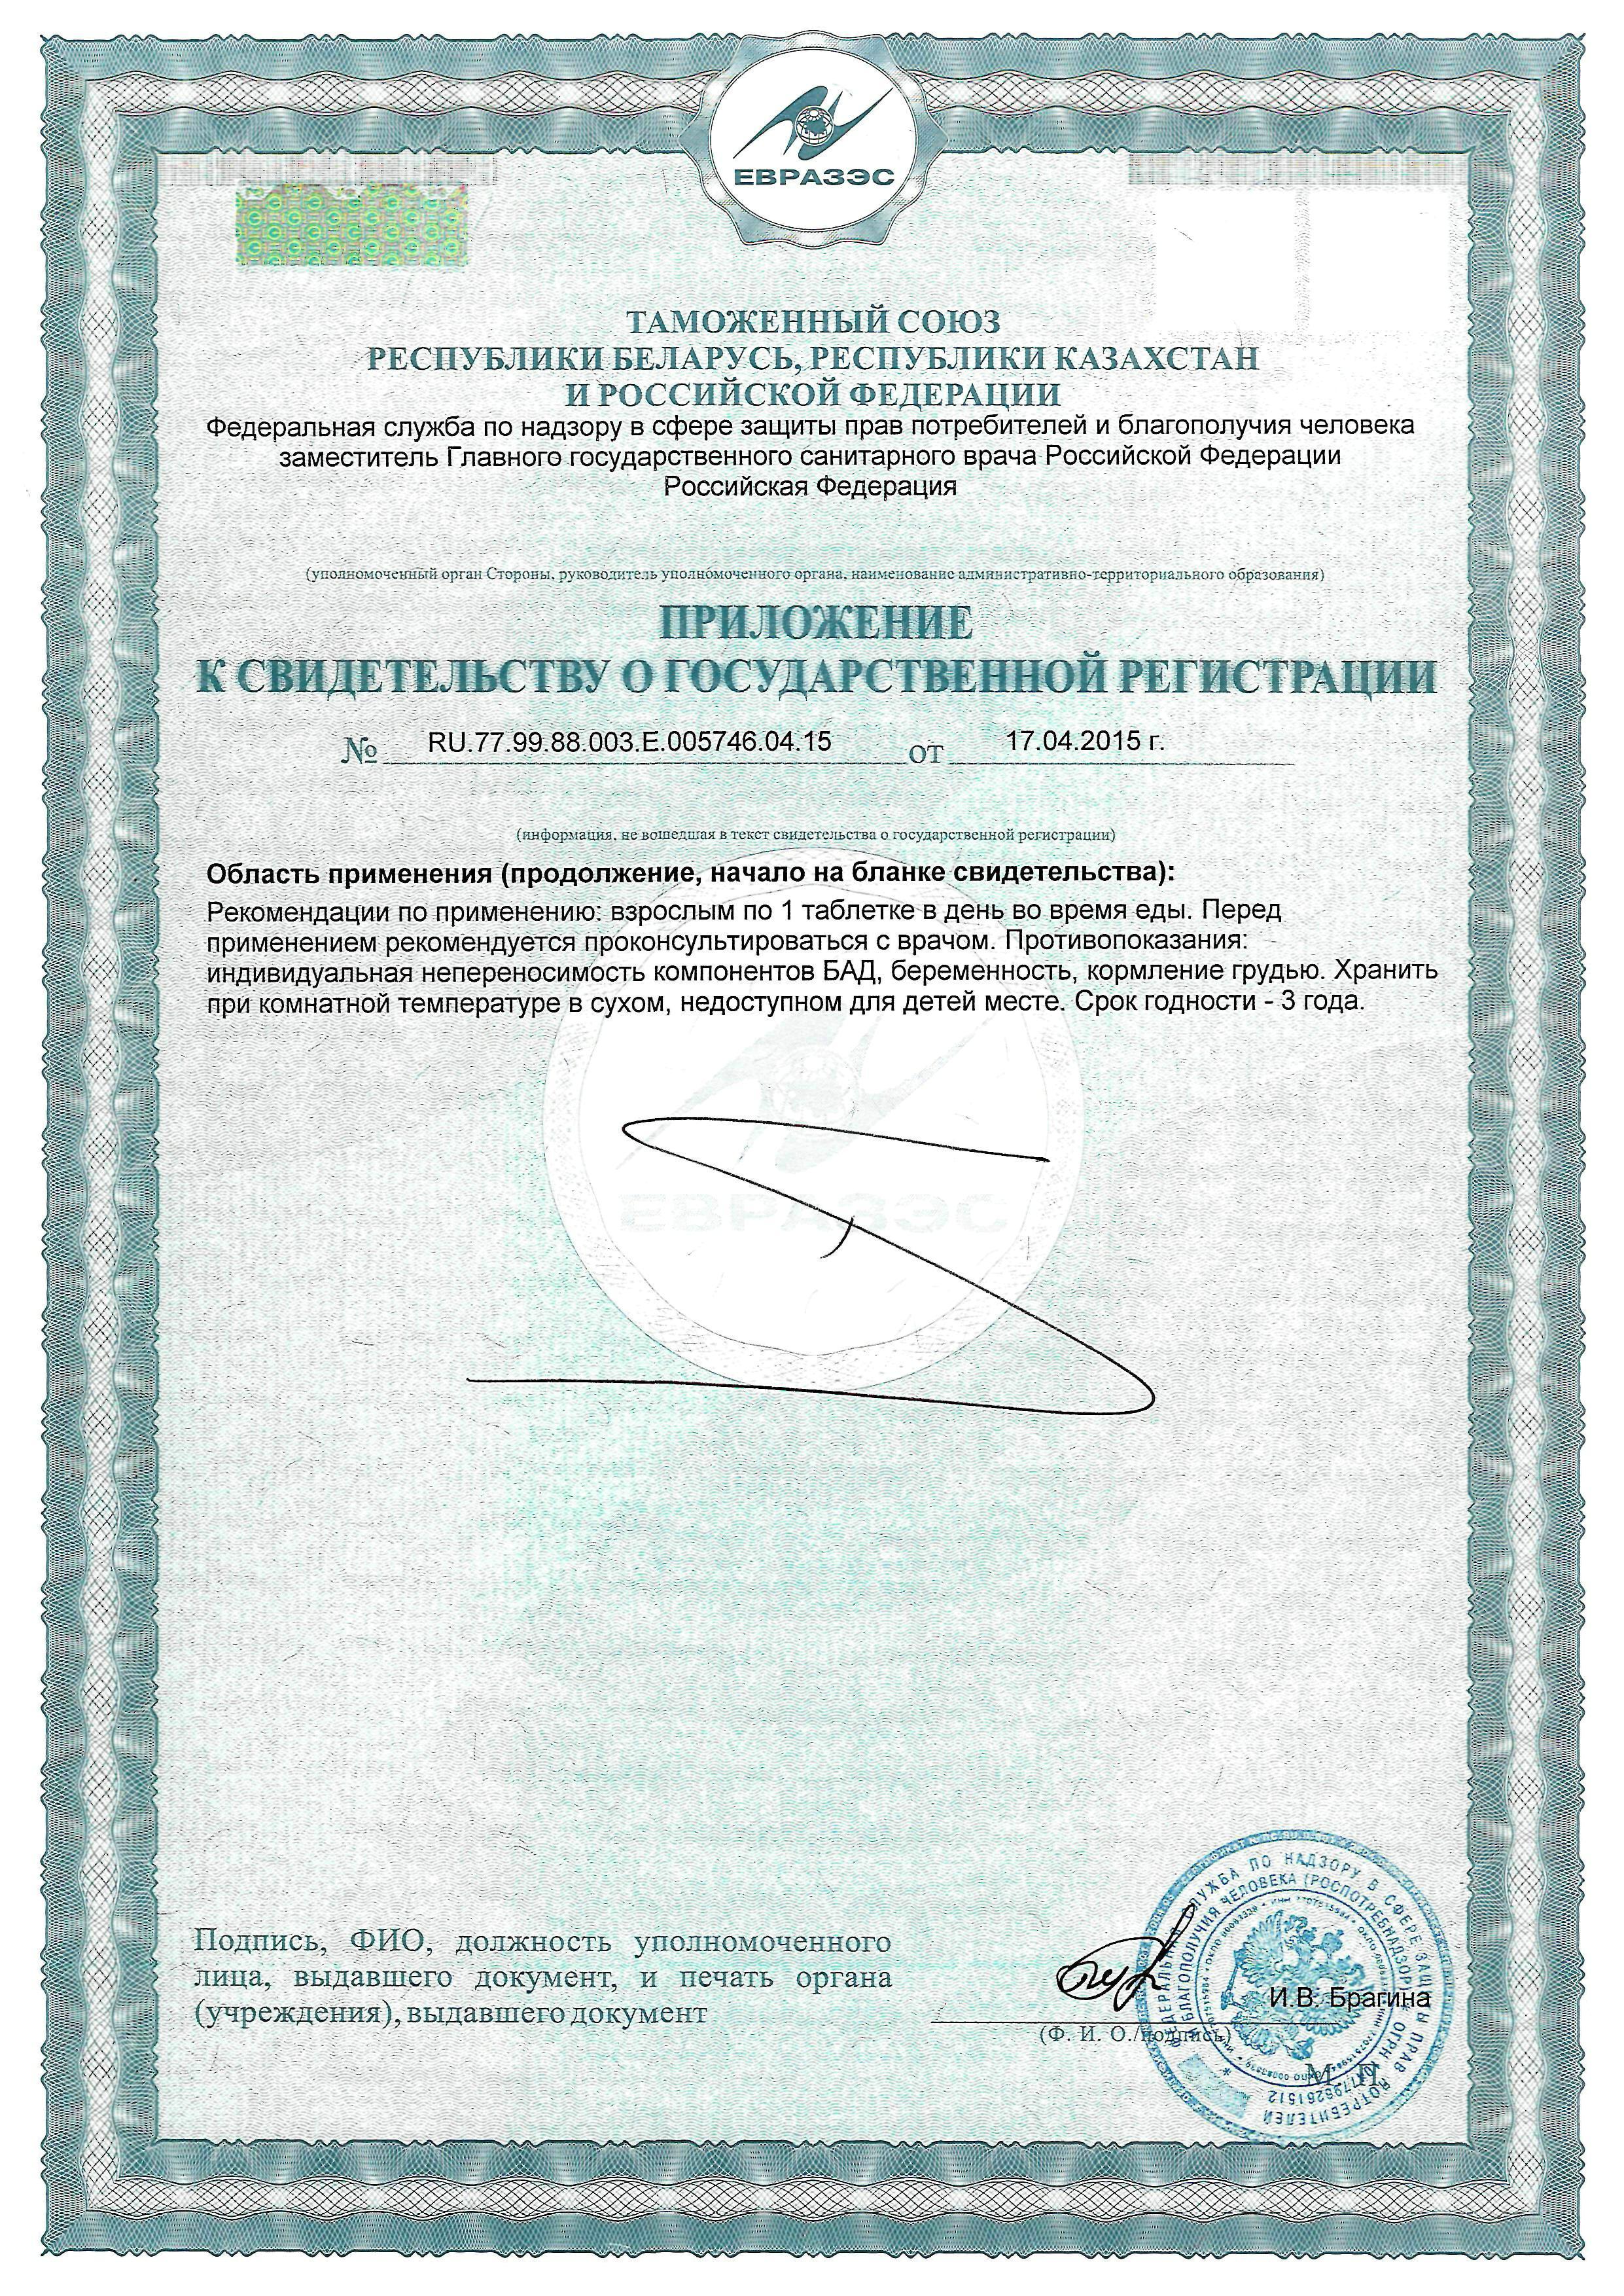 rensept_sgr_tr_ts_prilozhenieСвидетельства_о_государственной_регистрации_продукции.jpg